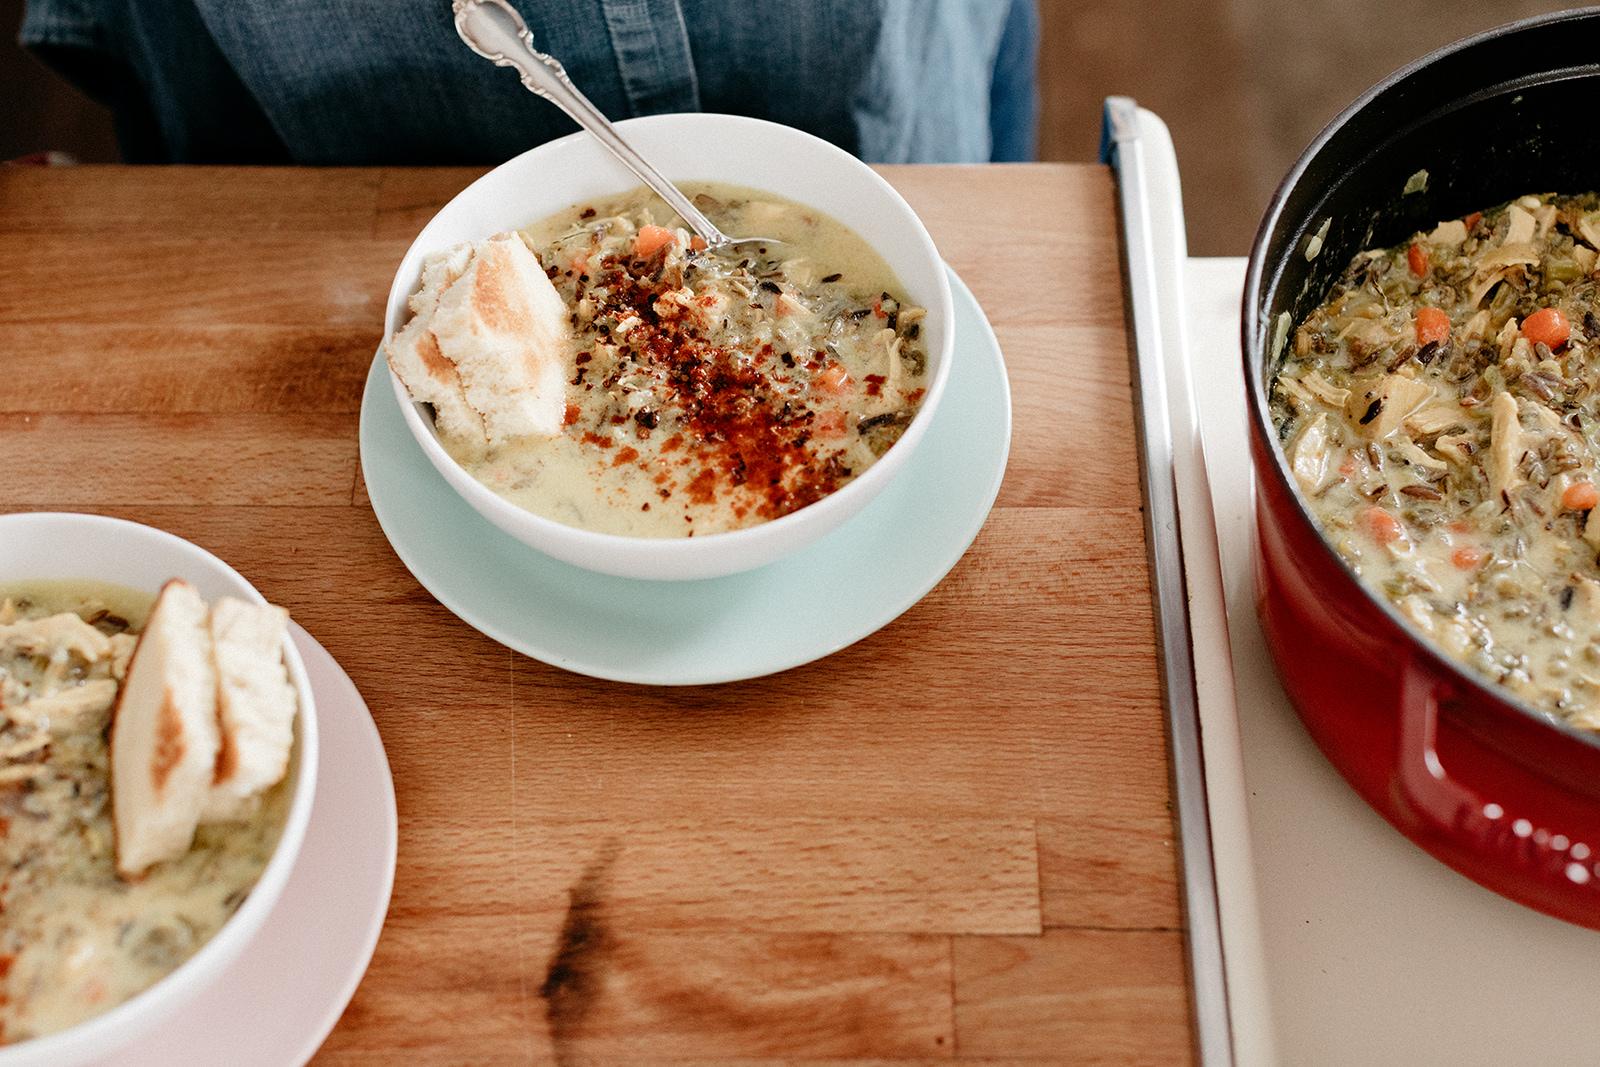 molly-yeh-yogurt-recipes-87.jpg